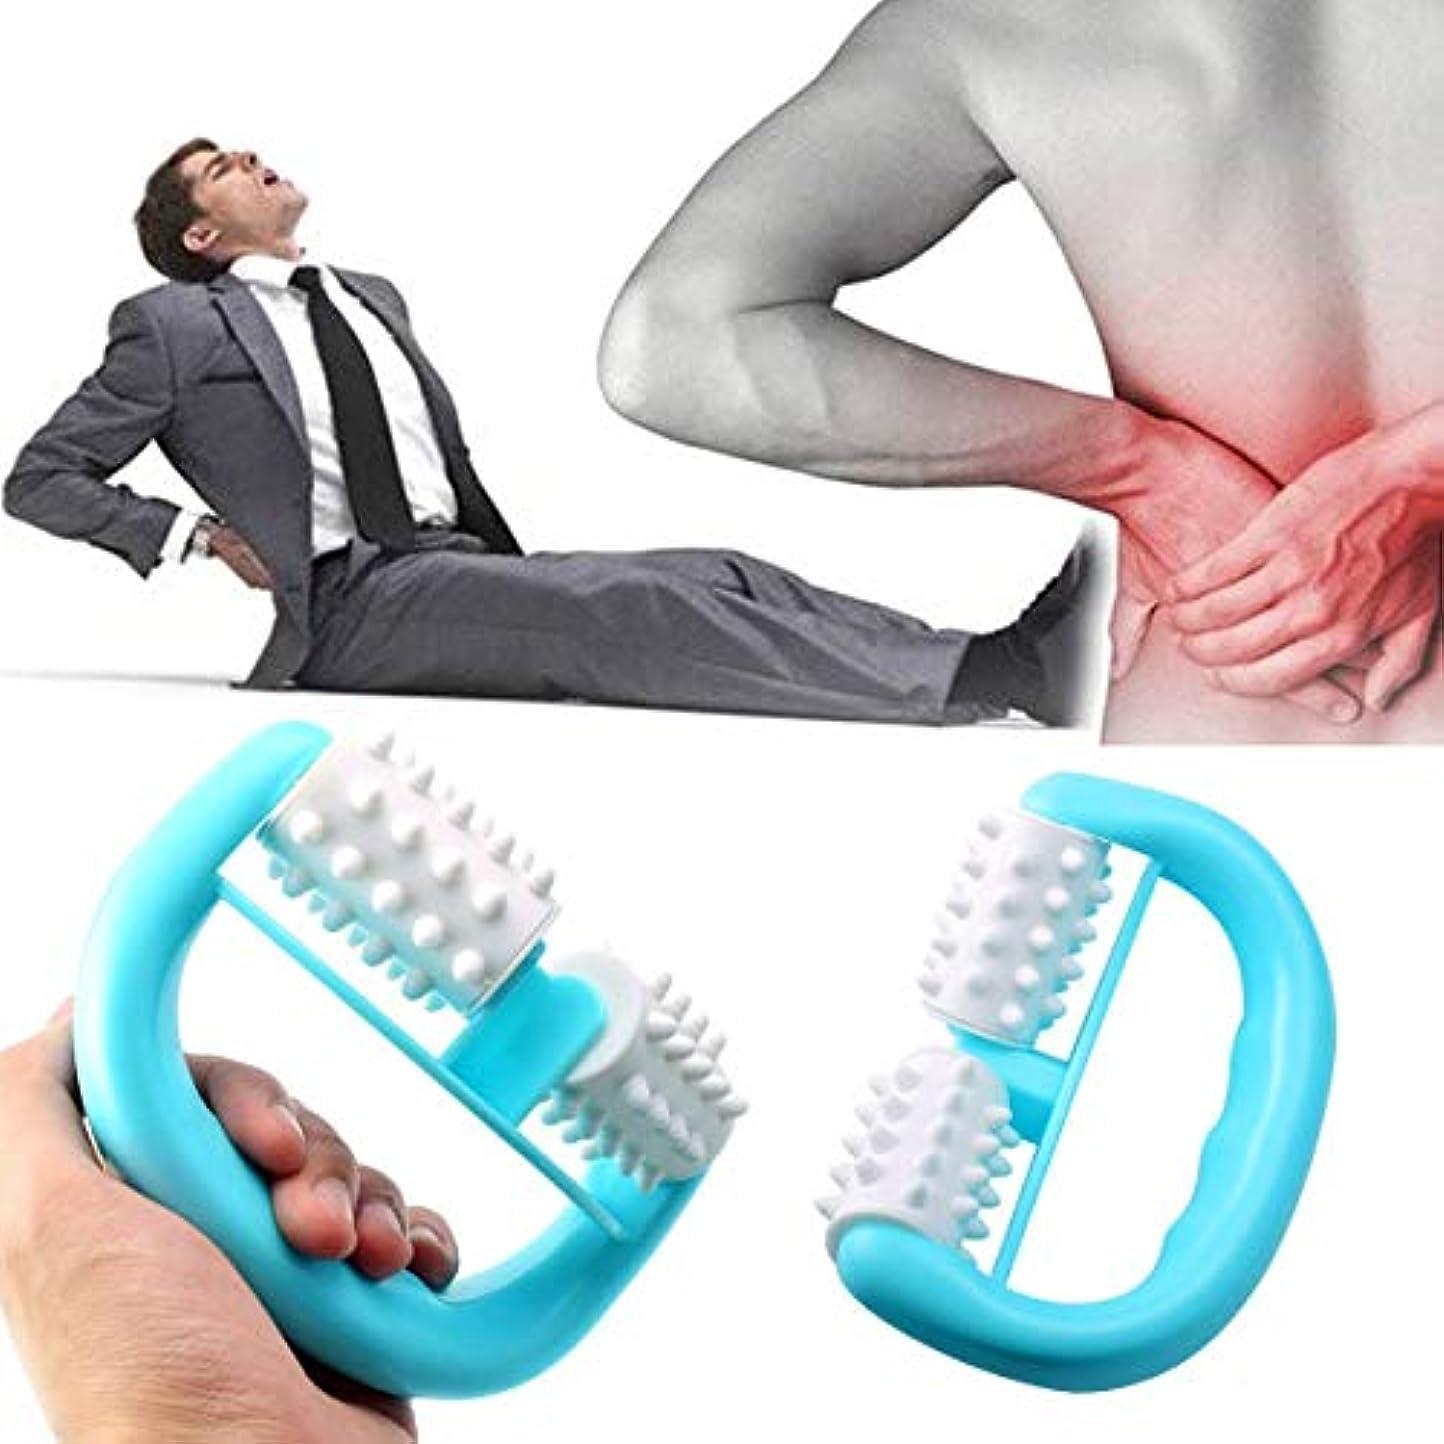 ペインティングラケット彫刻Handheld Full Body Anti Cellulite Massage Cell Roller Massager Mini Wheel Ball Foot Hand Body Neck Head Leg Pain...